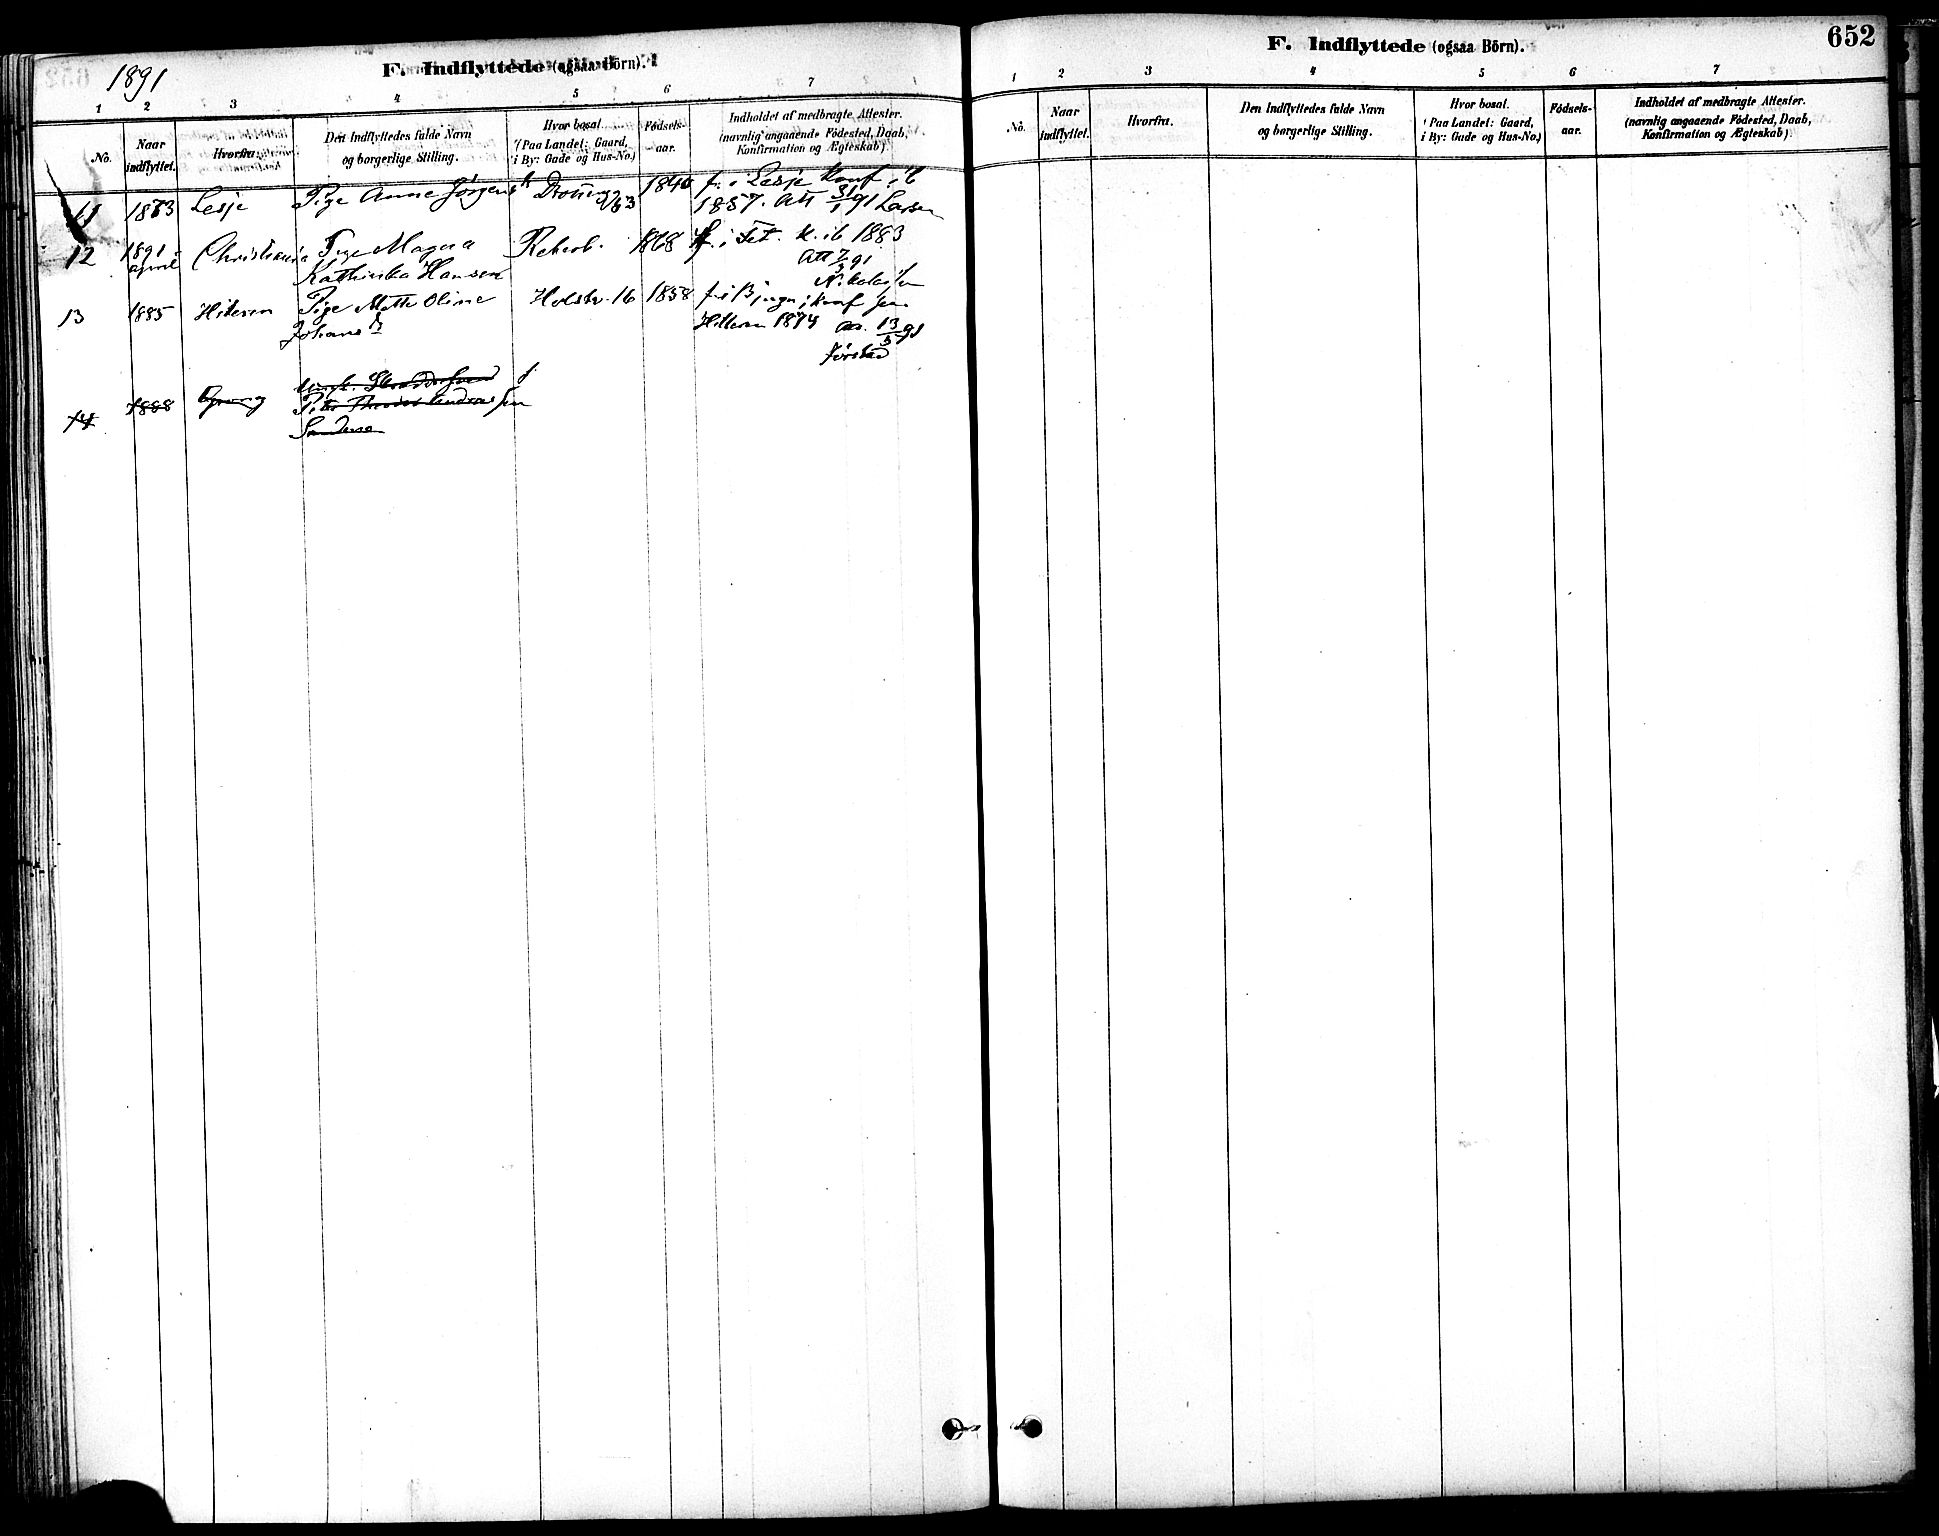 SAT, Ministerialprotokoller, klokkerbøker og fødselsregistre - Sør-Trøndelag, 601/L0058: Ministerialbok nr. 601A26, 1877-1891, s. 652